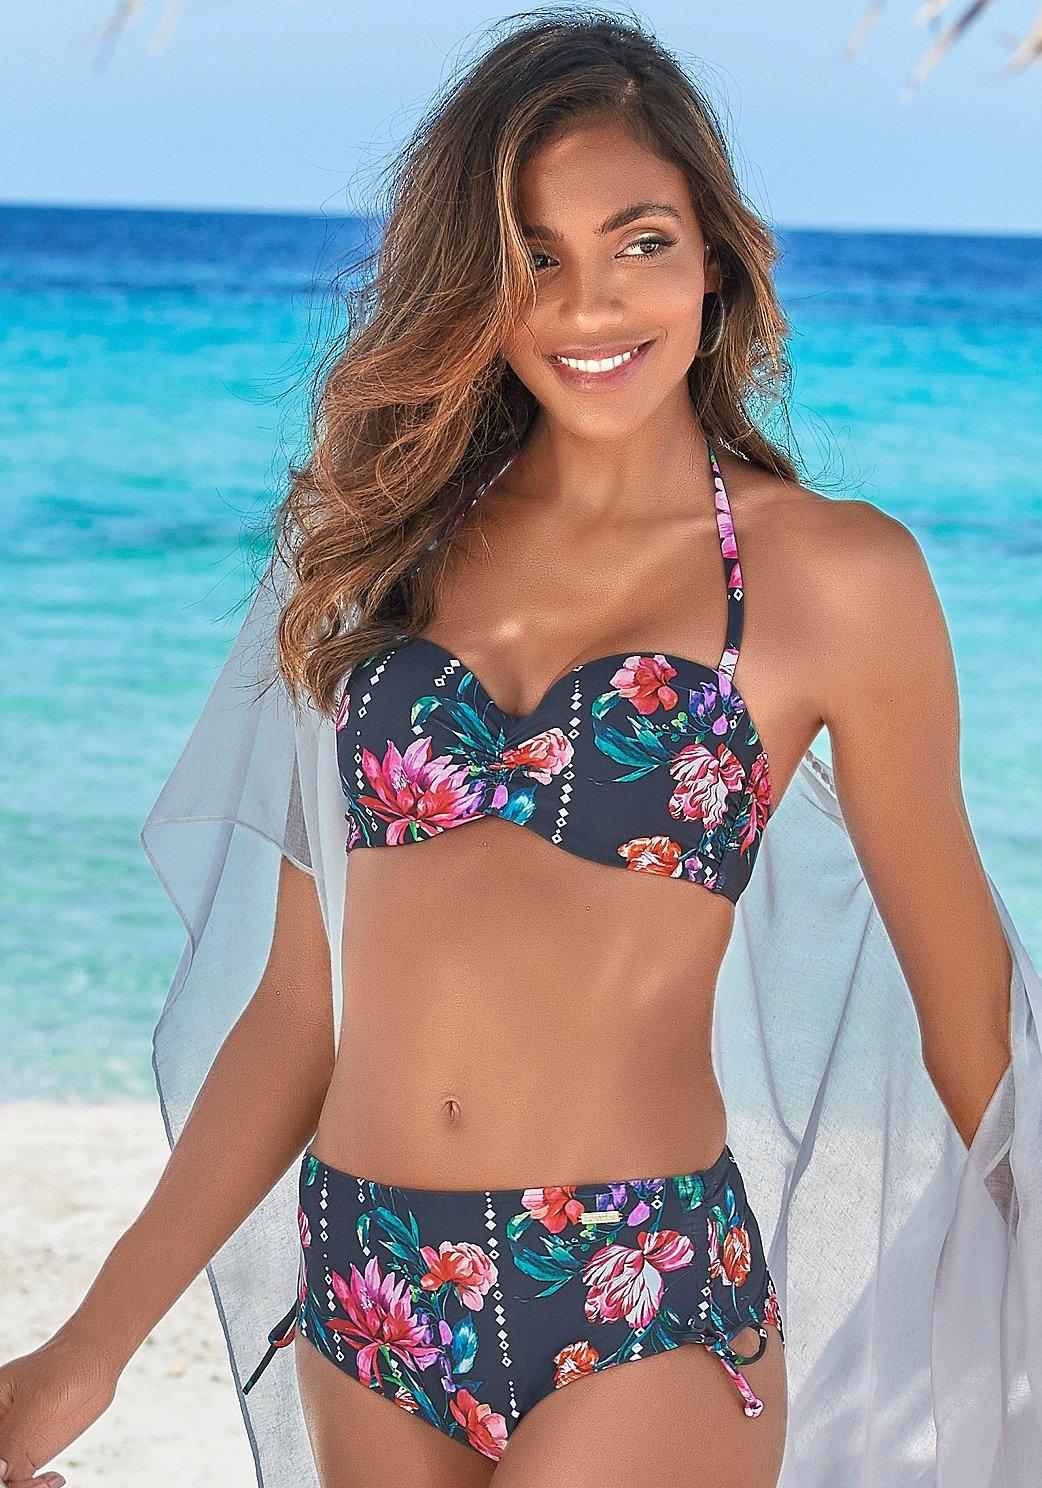 Sunseeker beugelbikinitop in bandeaumodel Modern met bloemenprint in de webshop van Lascana kopen